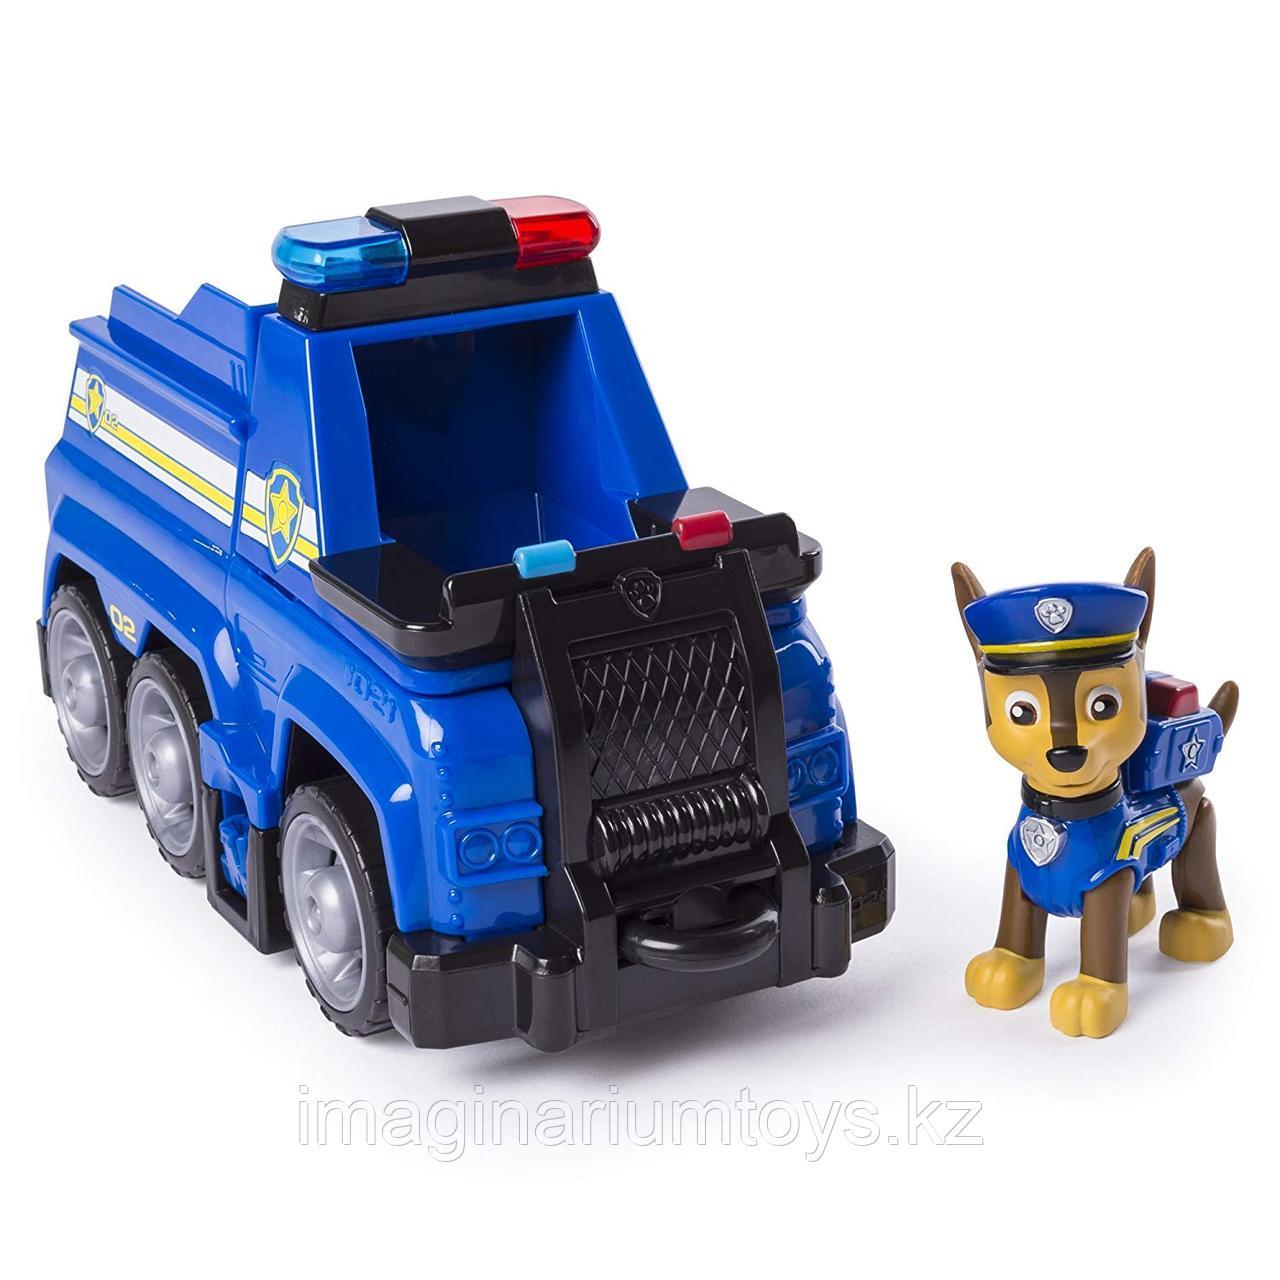 Щенячий патруль «Гонщик» с большим транспортом. Новая серия.